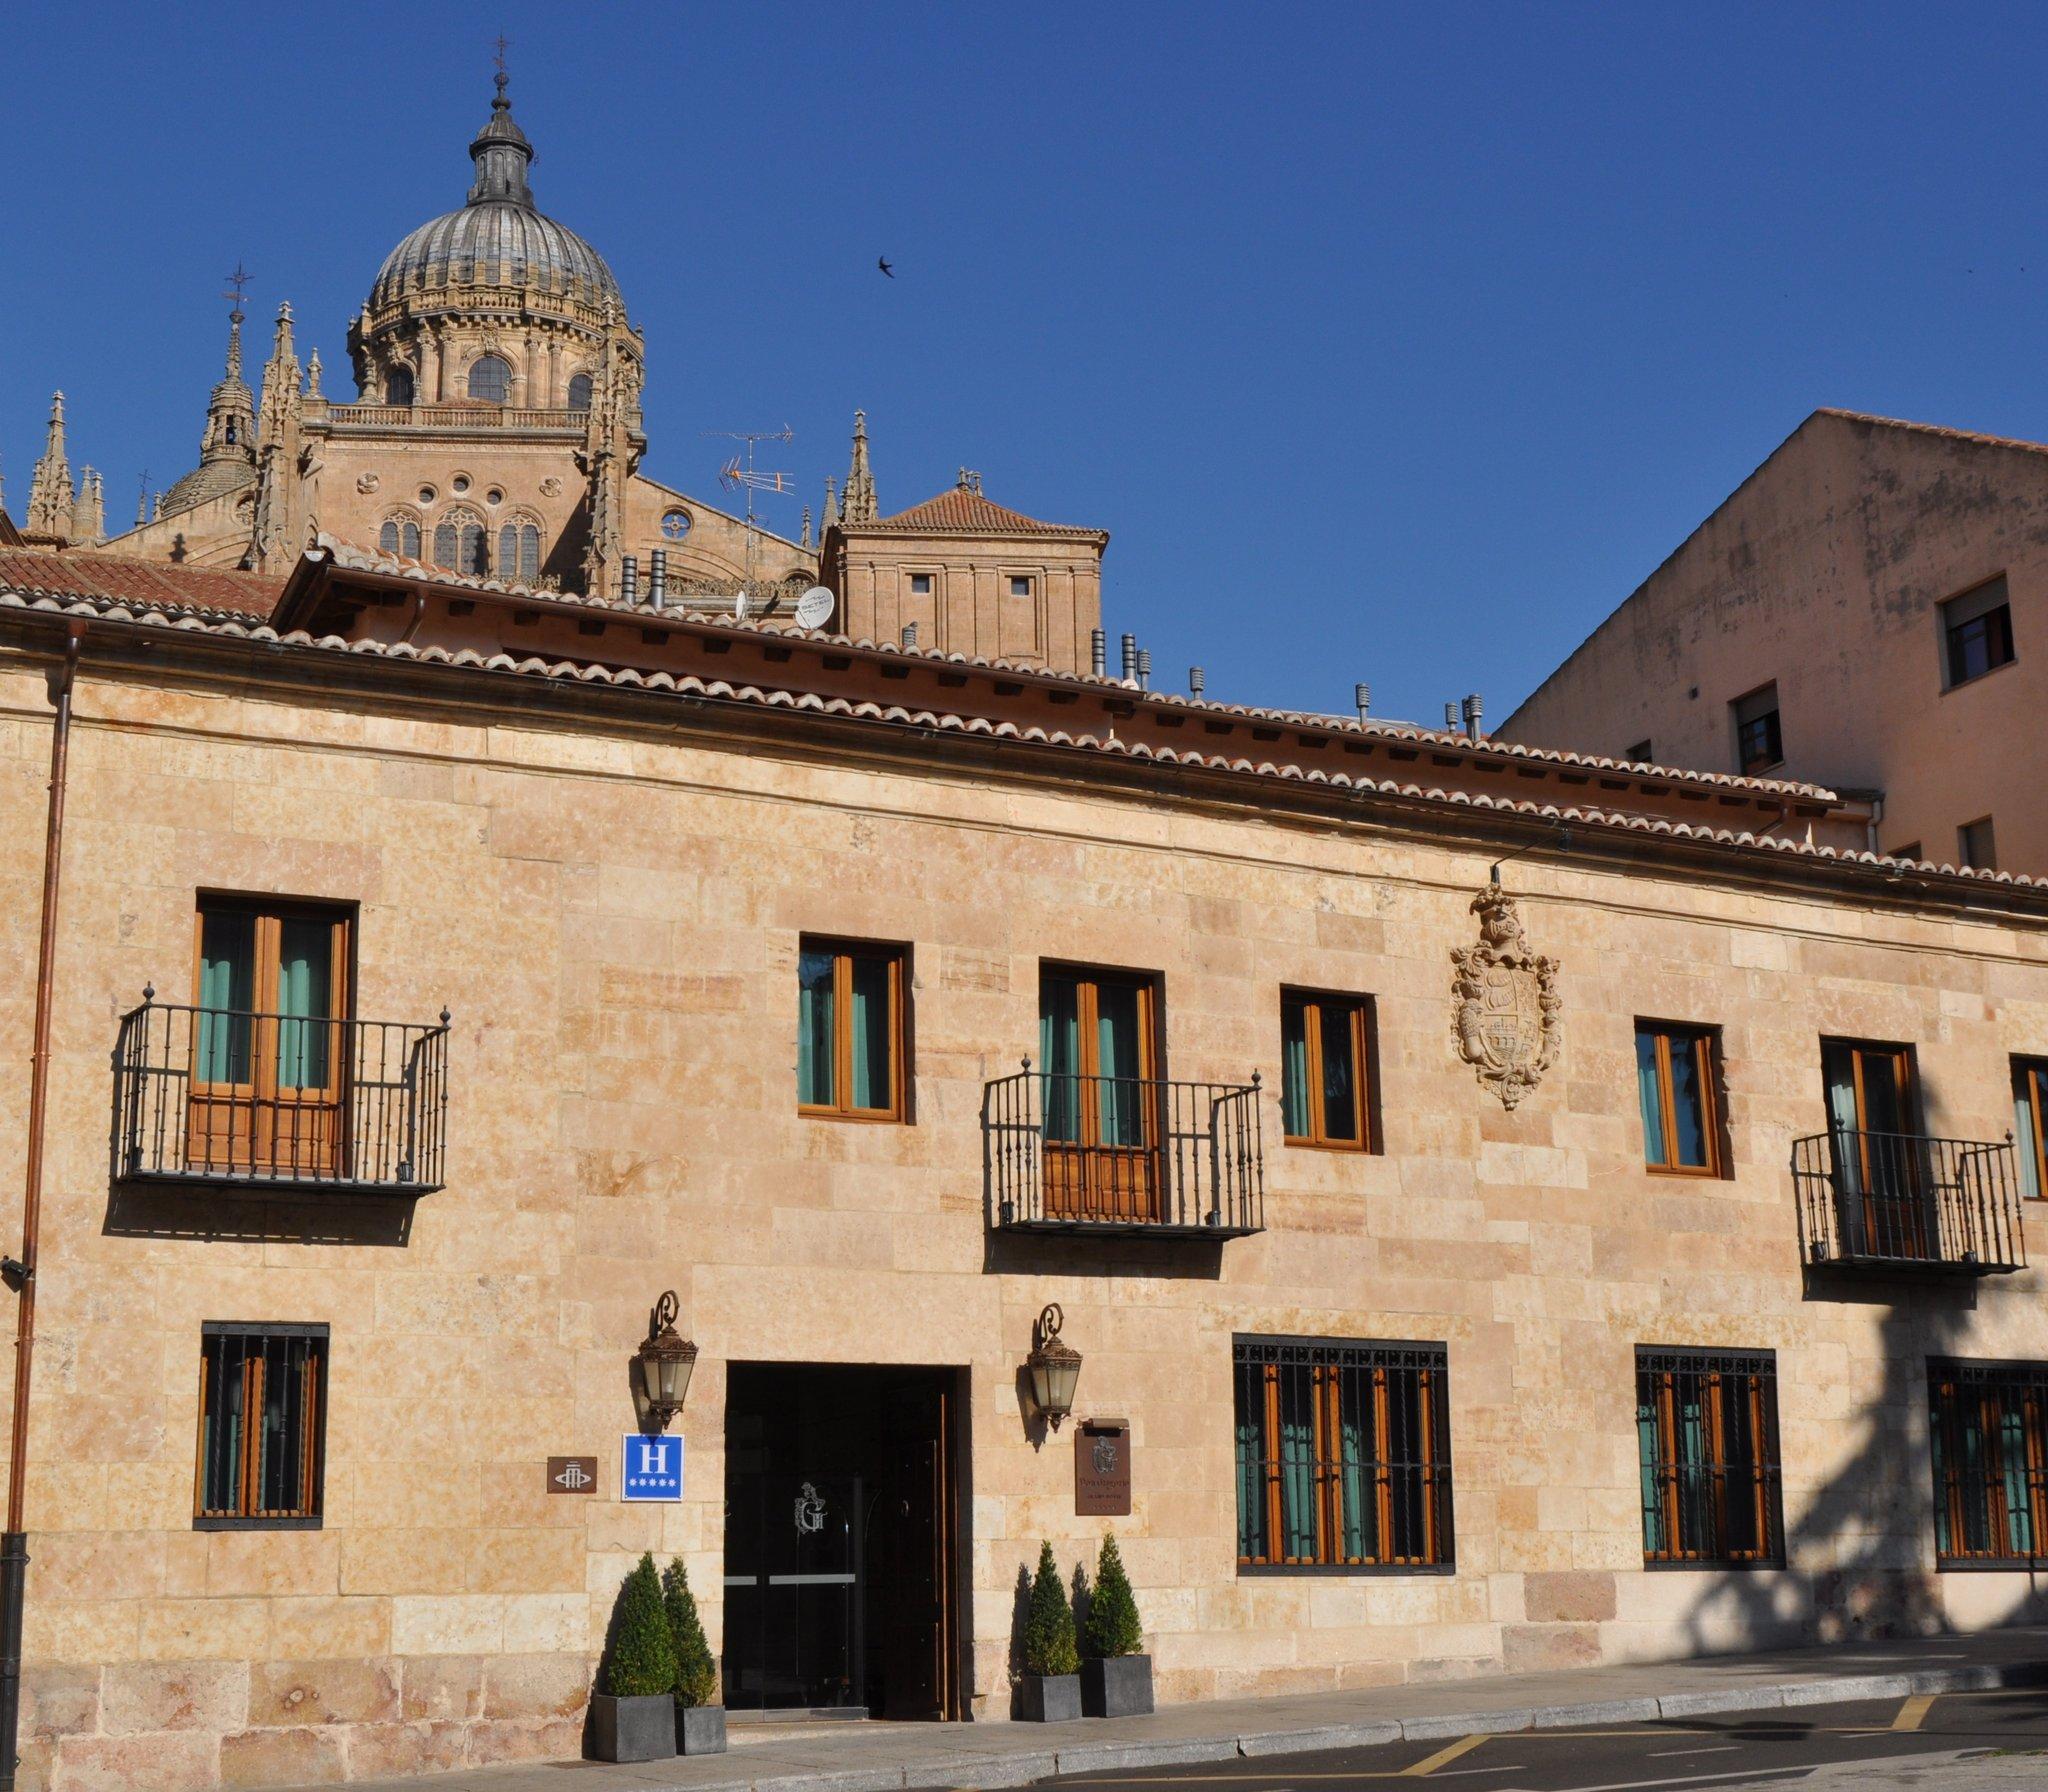 Hotel Don Gregorio